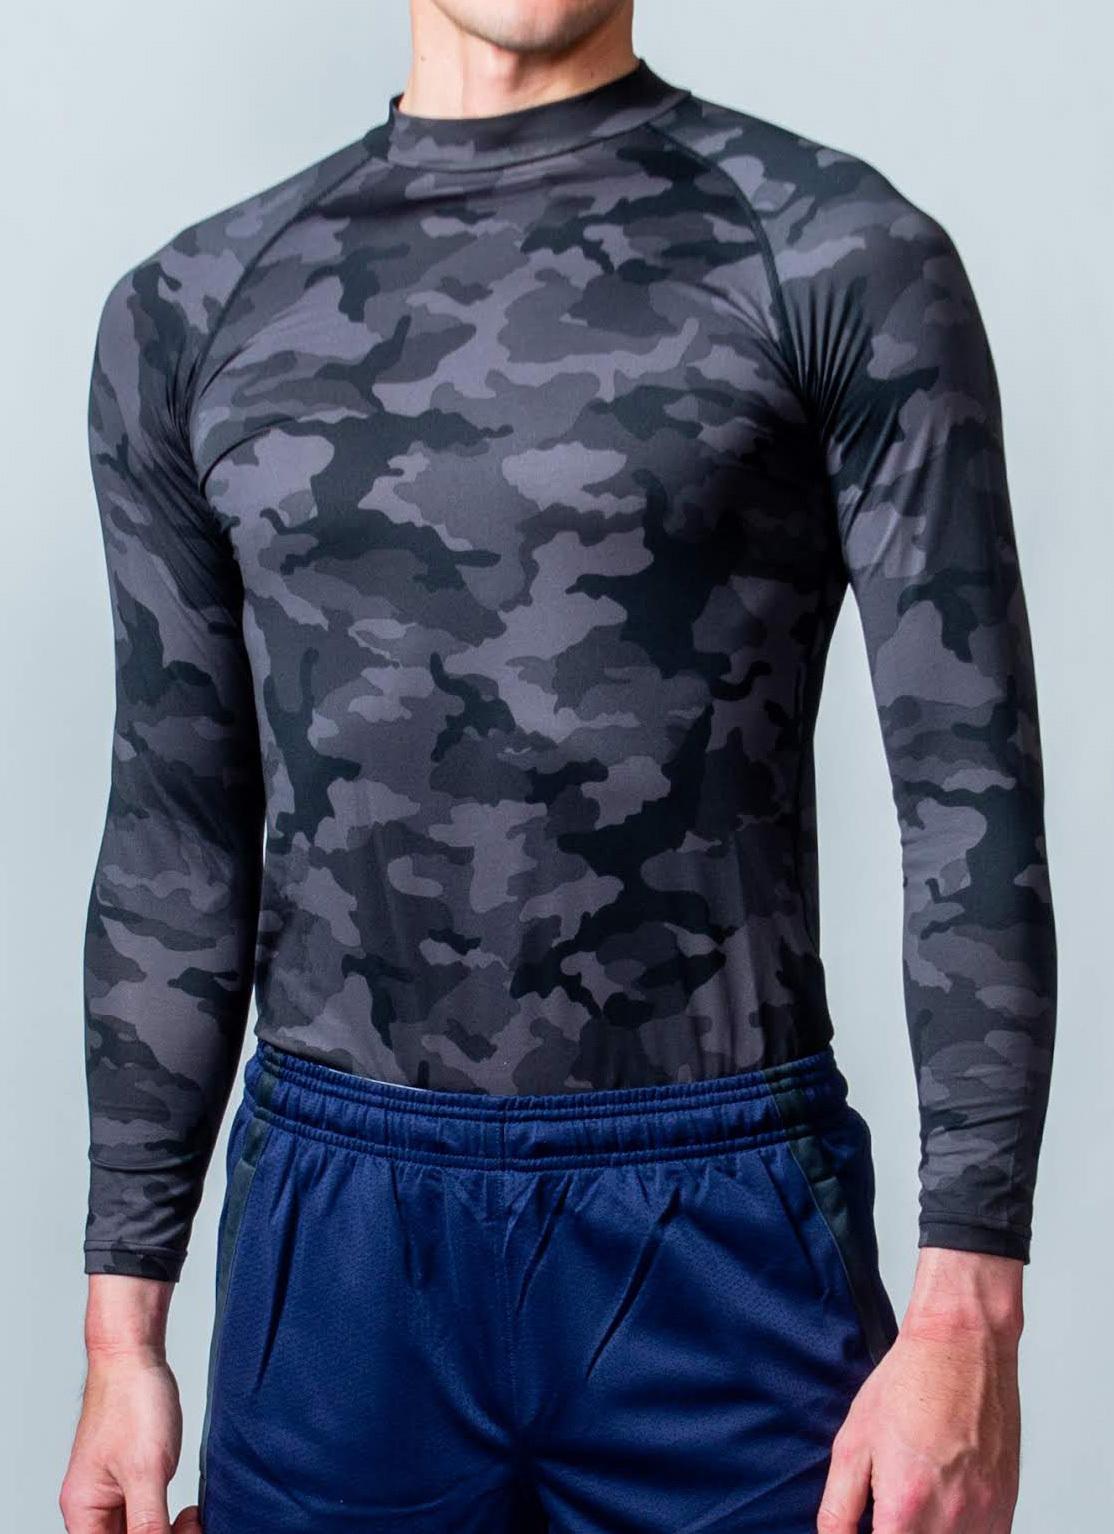 トレーニング時の動きをサポート「コンプレッションウェア(長袖)」 (ブラック迷彩)